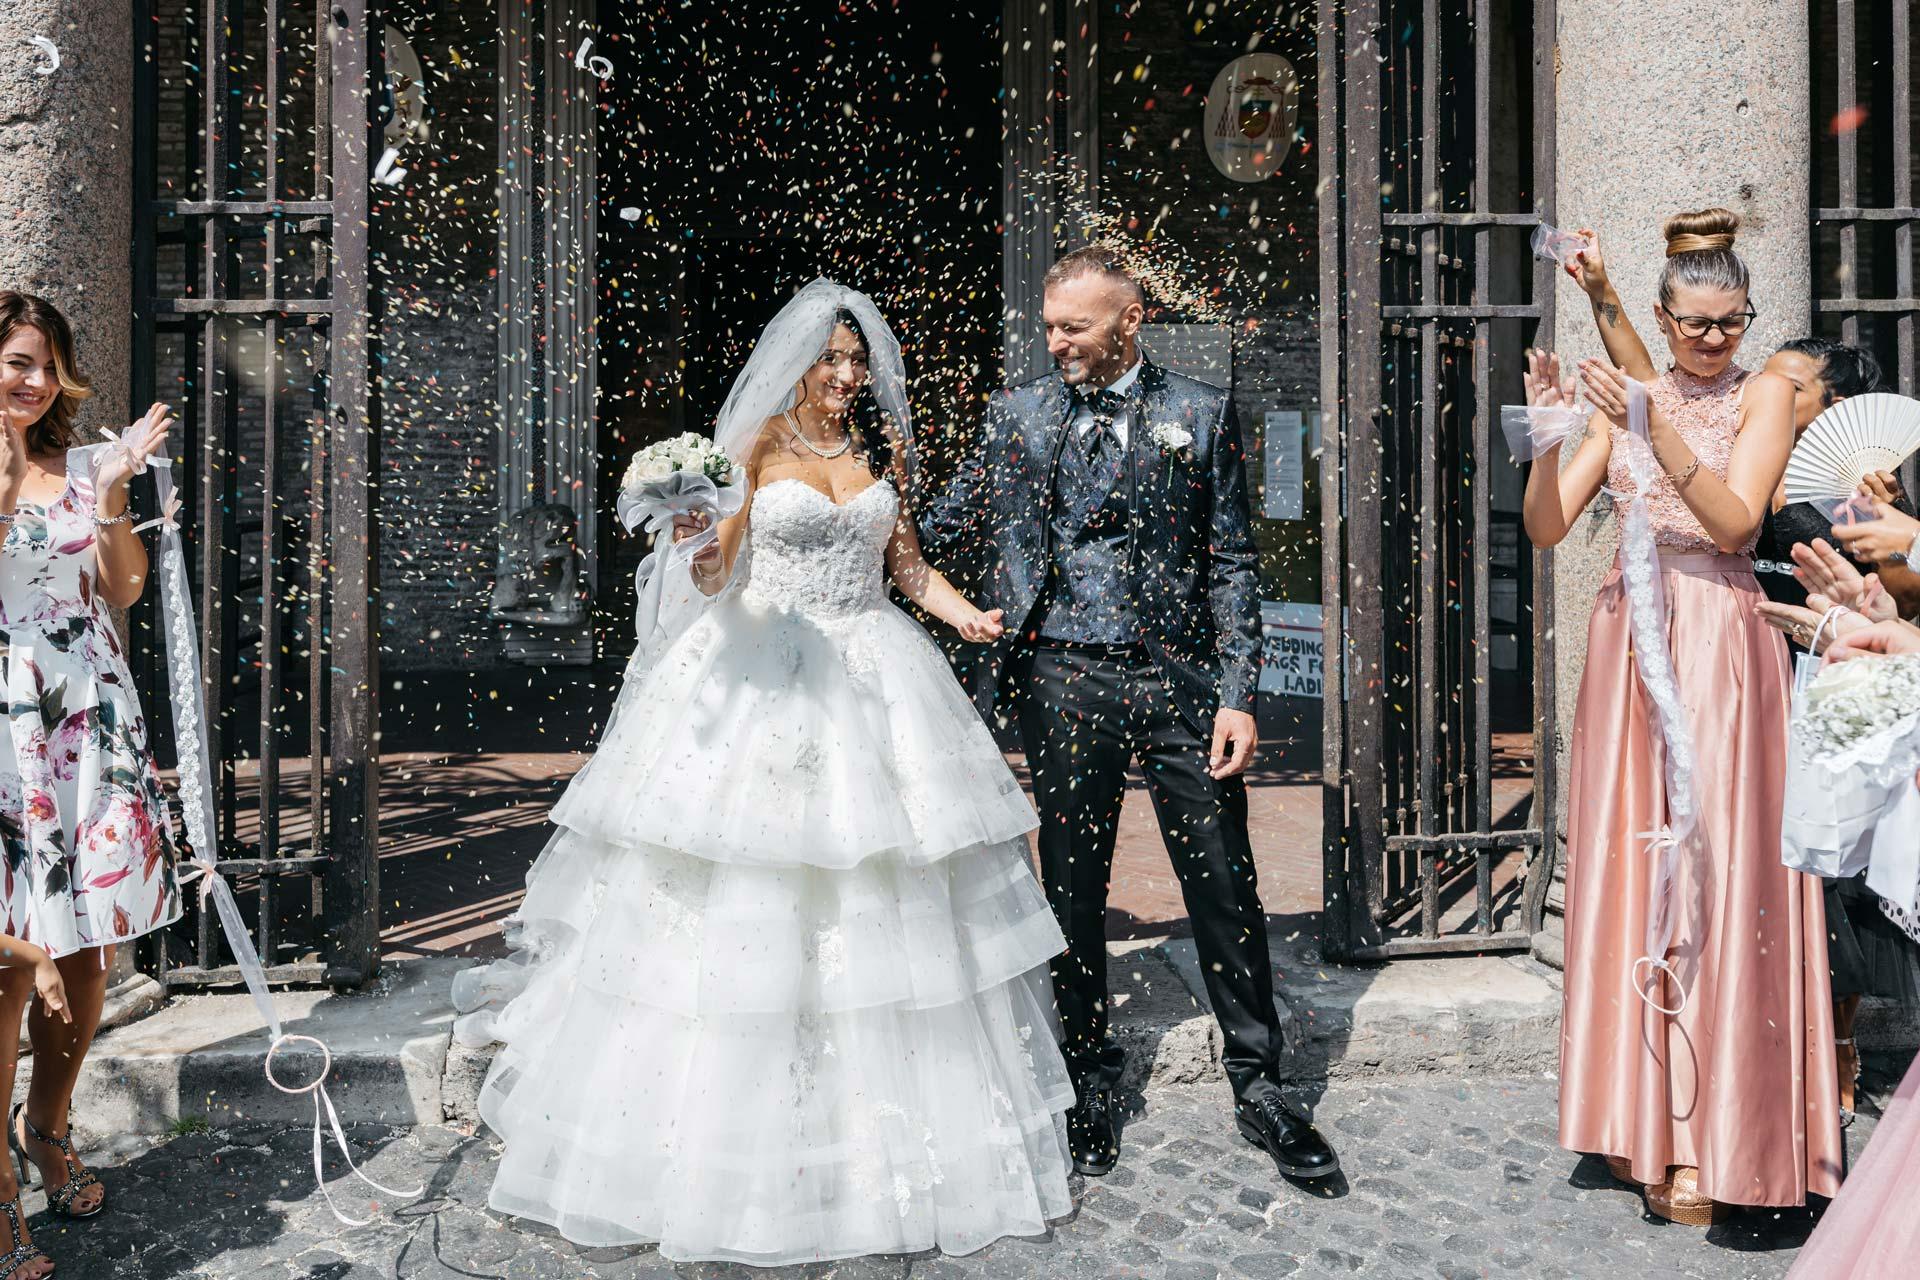 fotografo-matrimoni-reportage-basilica-santi-giovanni-e-paolo-13